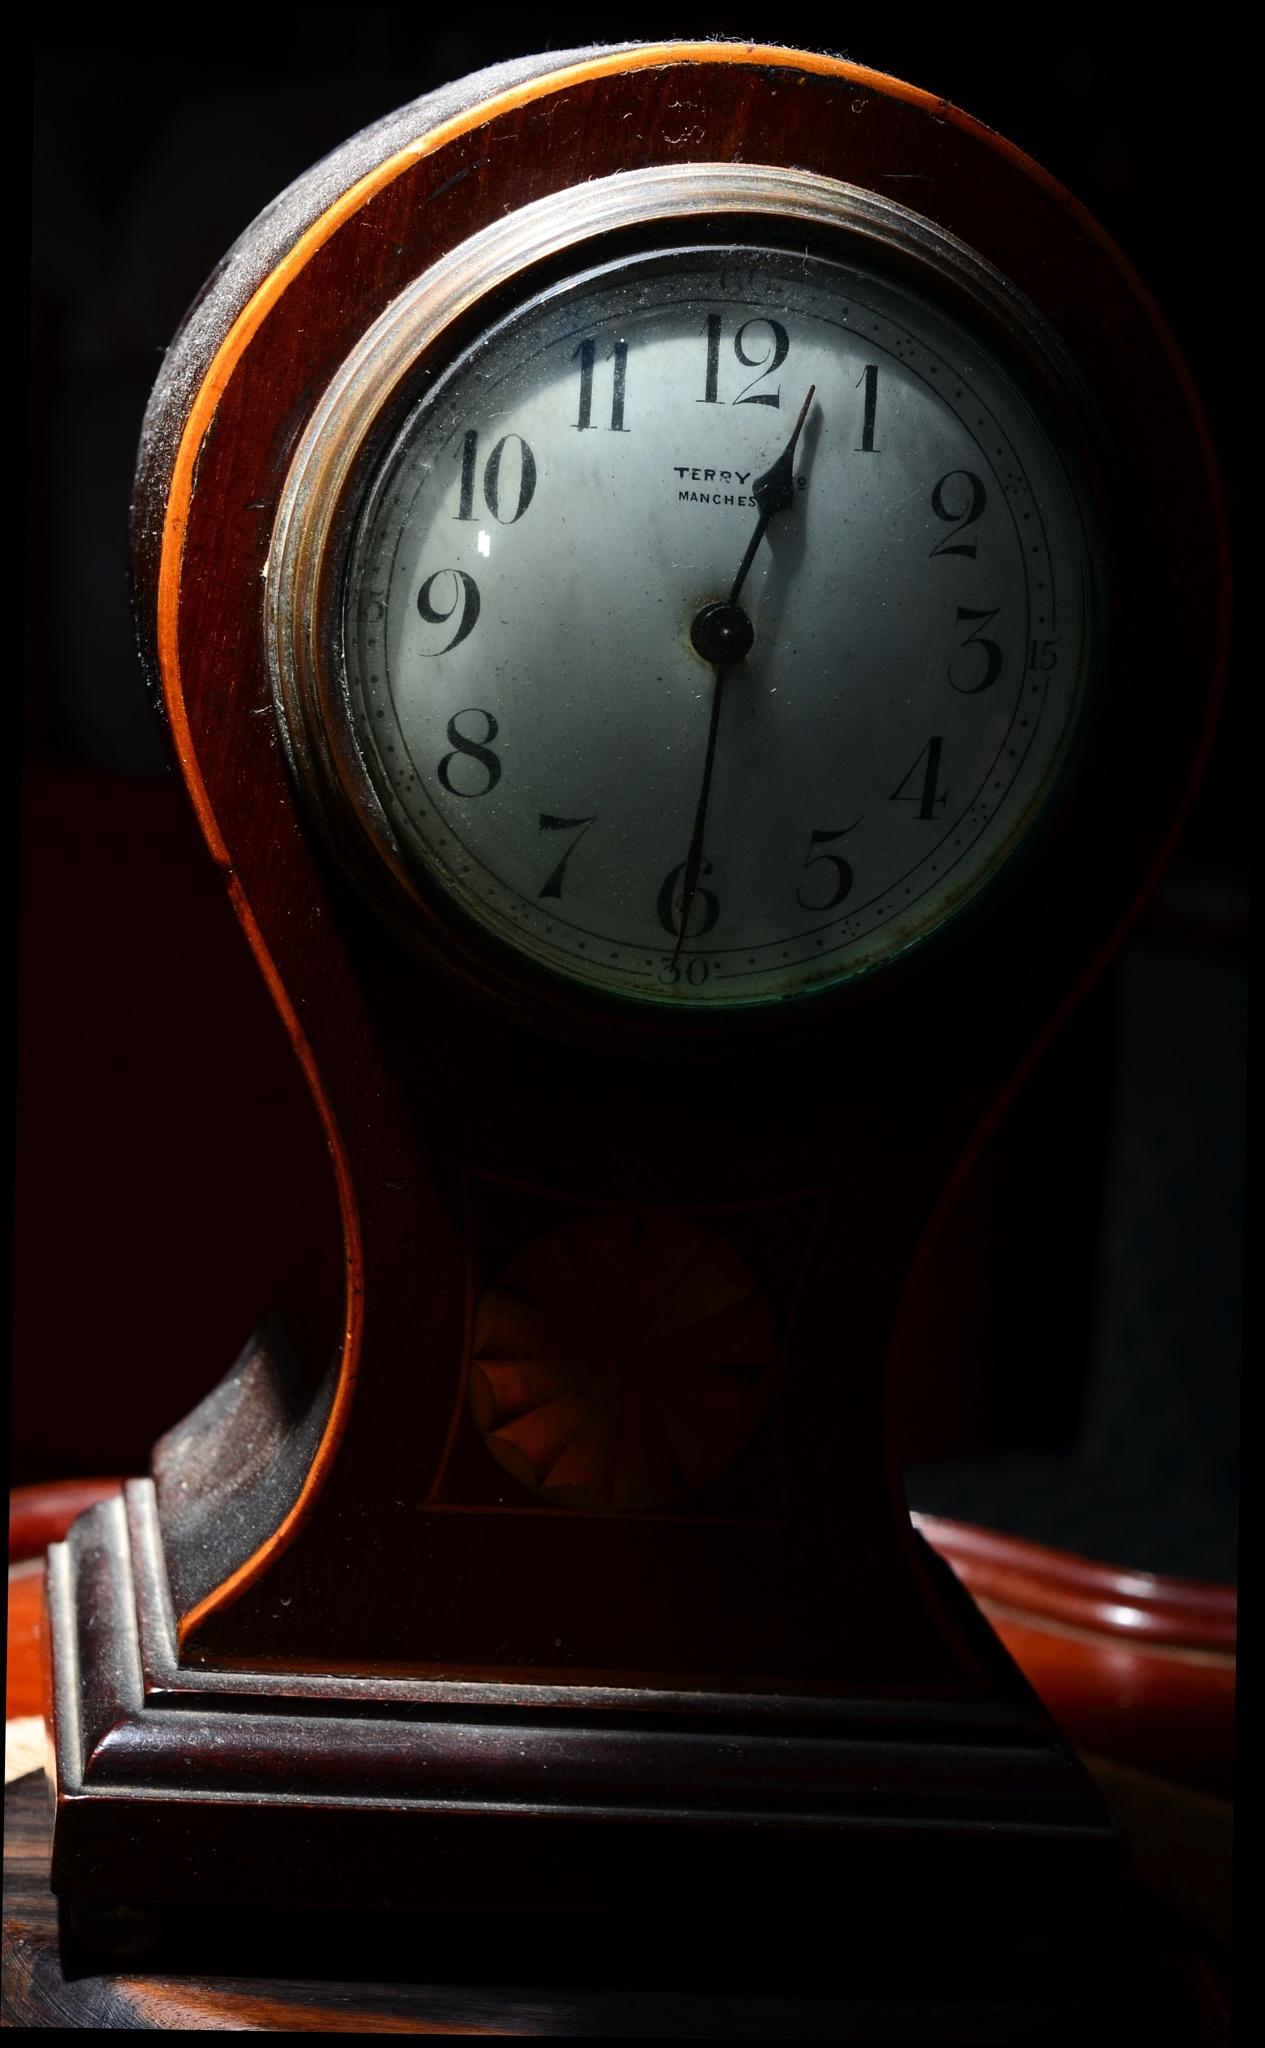 Time fades Memories by arraguado